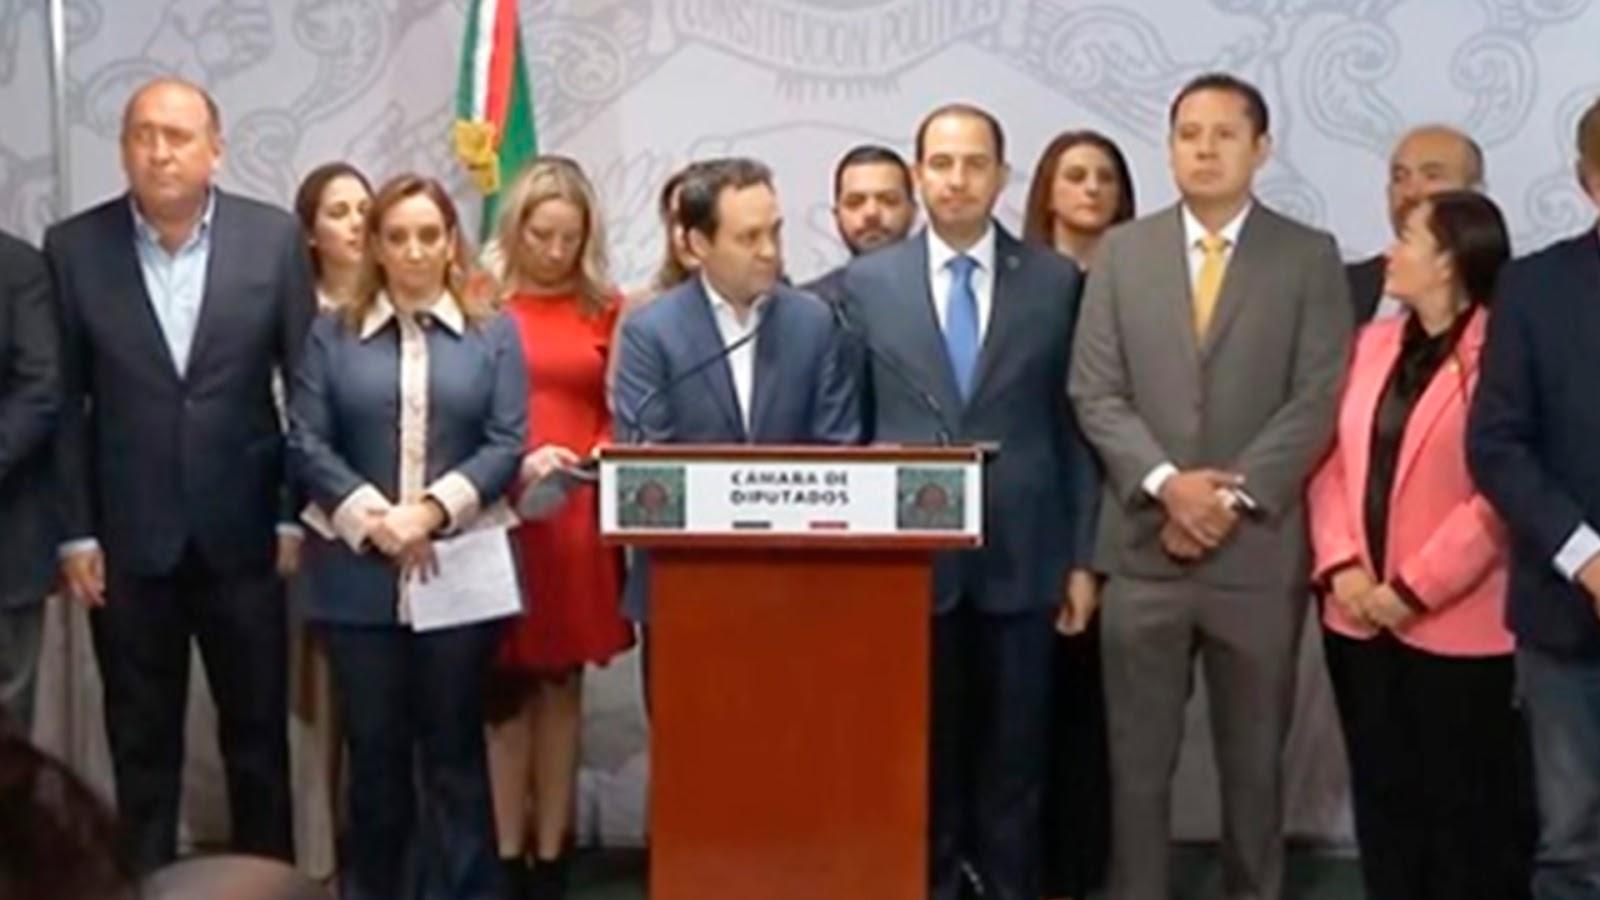 """PRI, PAN, PRD y MC se unen para oponerse a AMLO: """"Se quiere reelegir"""" con la revocación de mandato"""